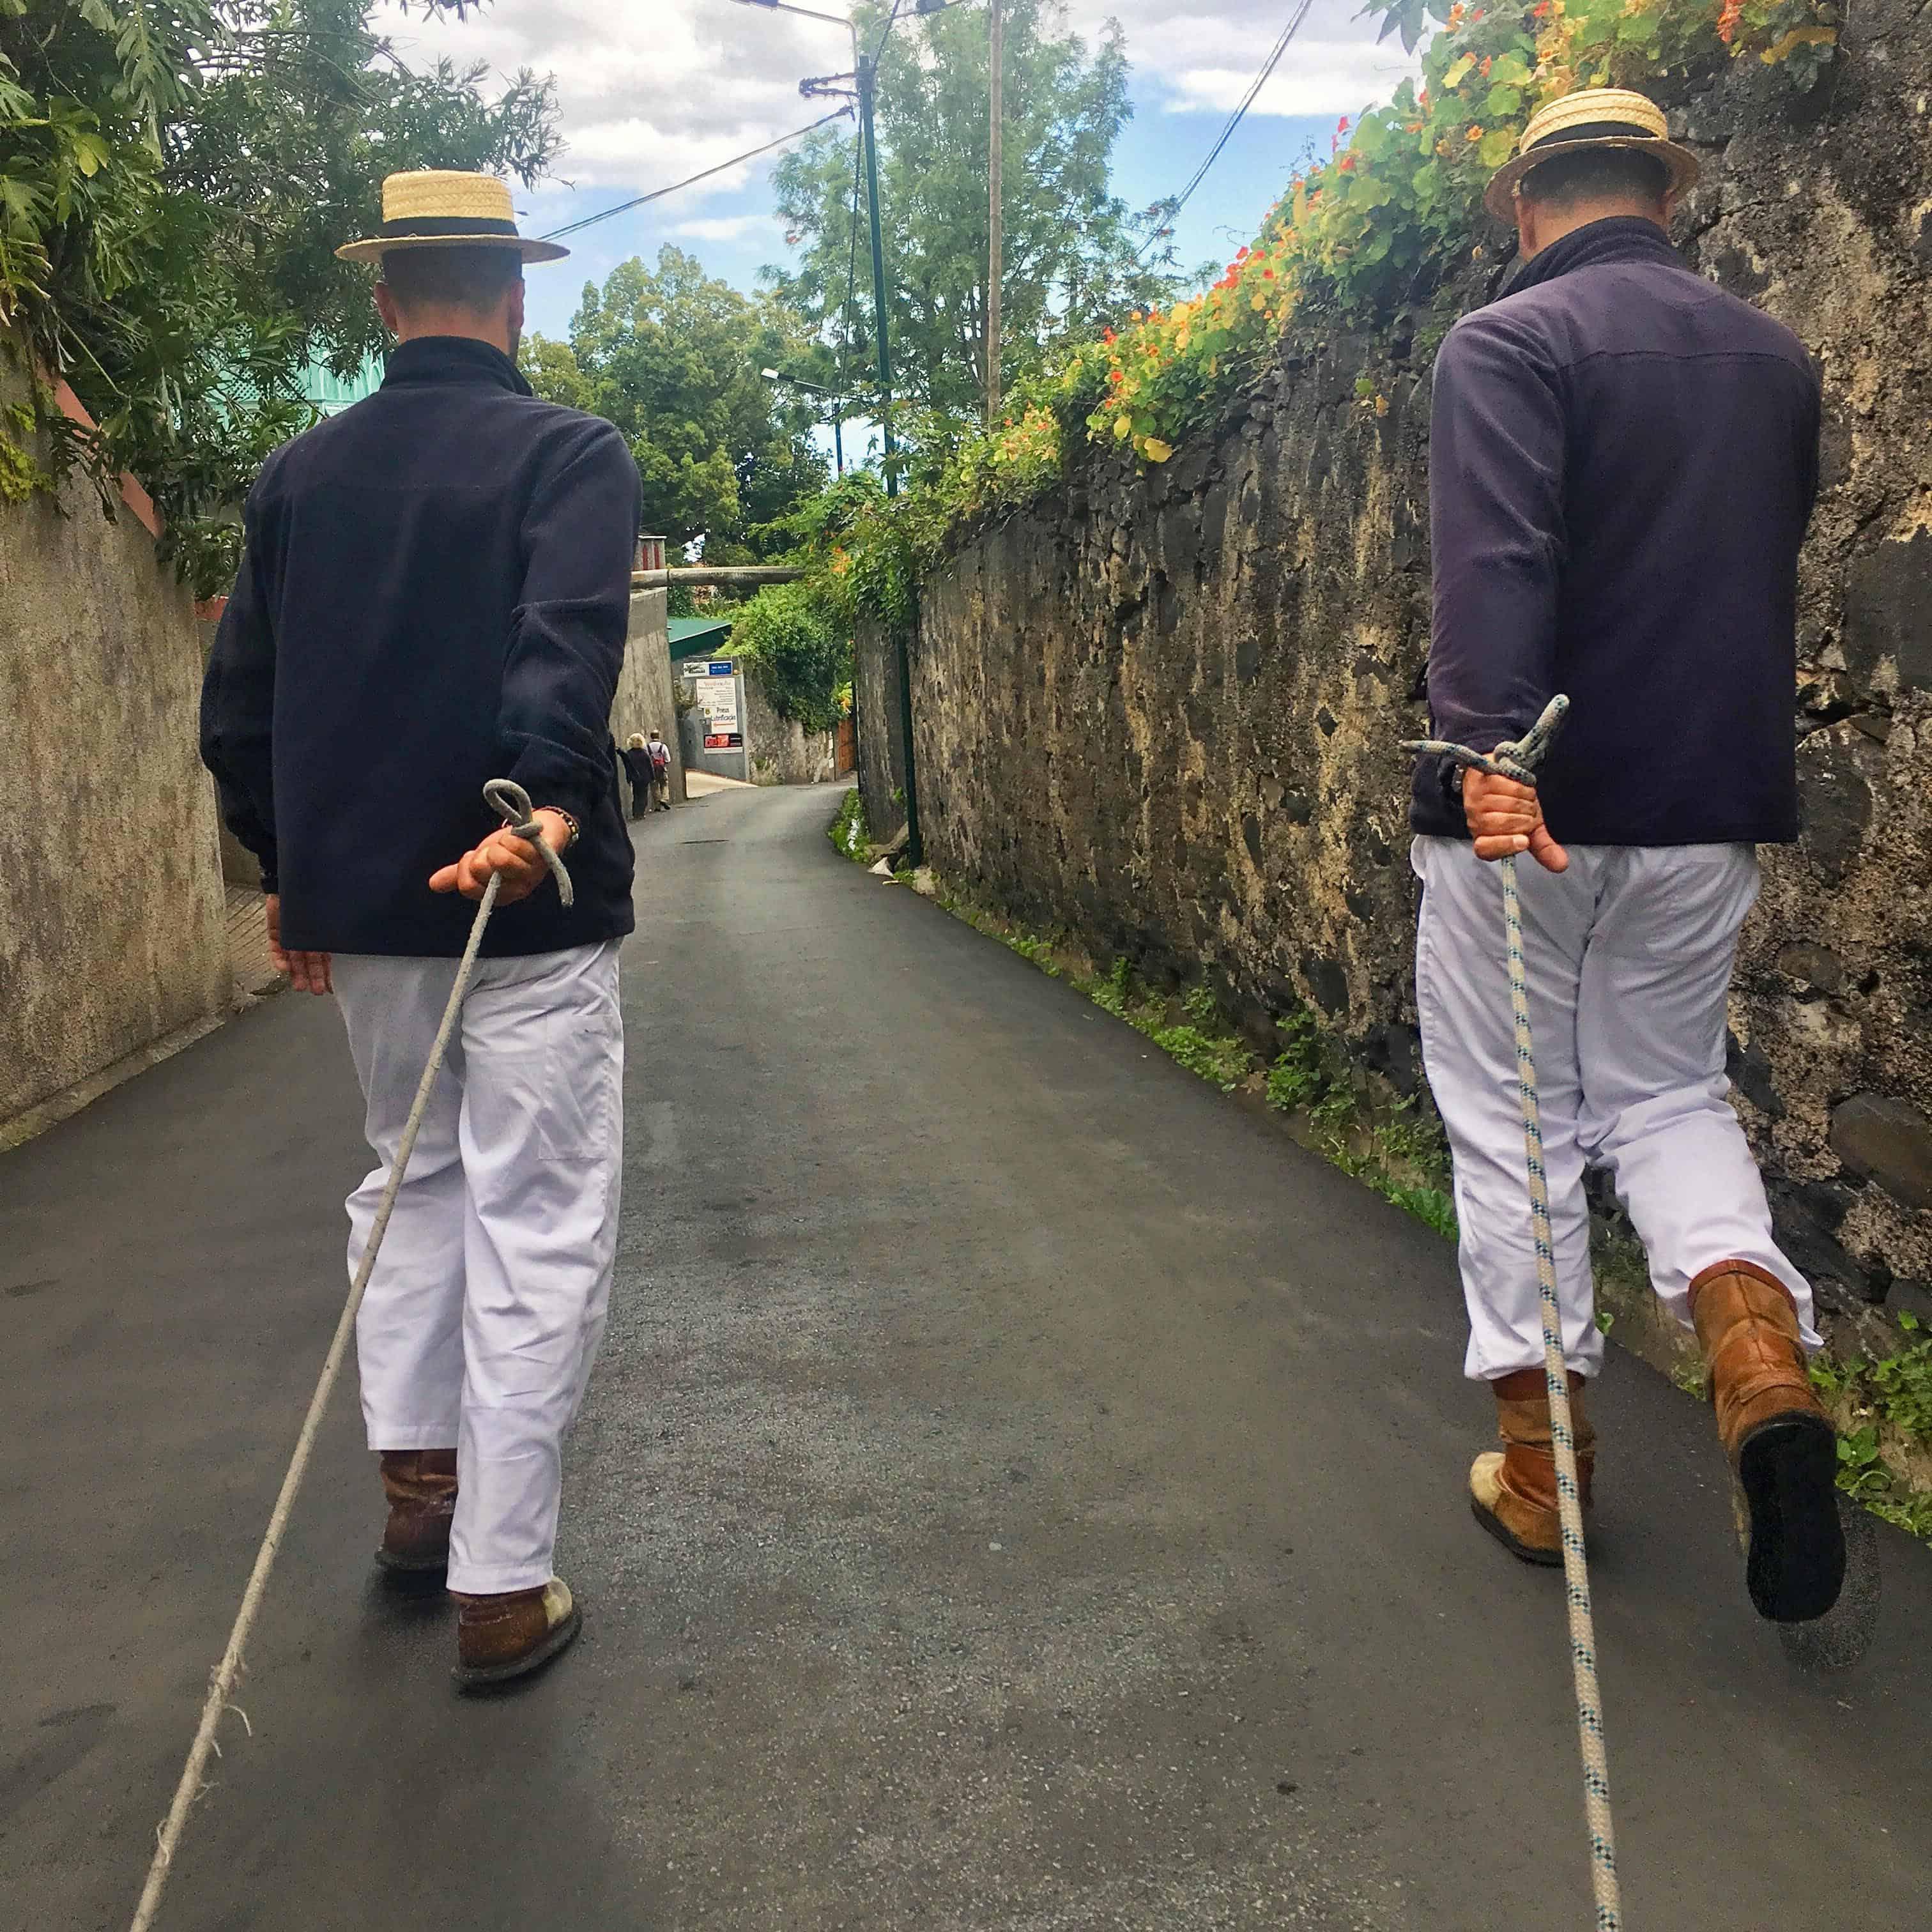 Riding in the toboggan, Madeira